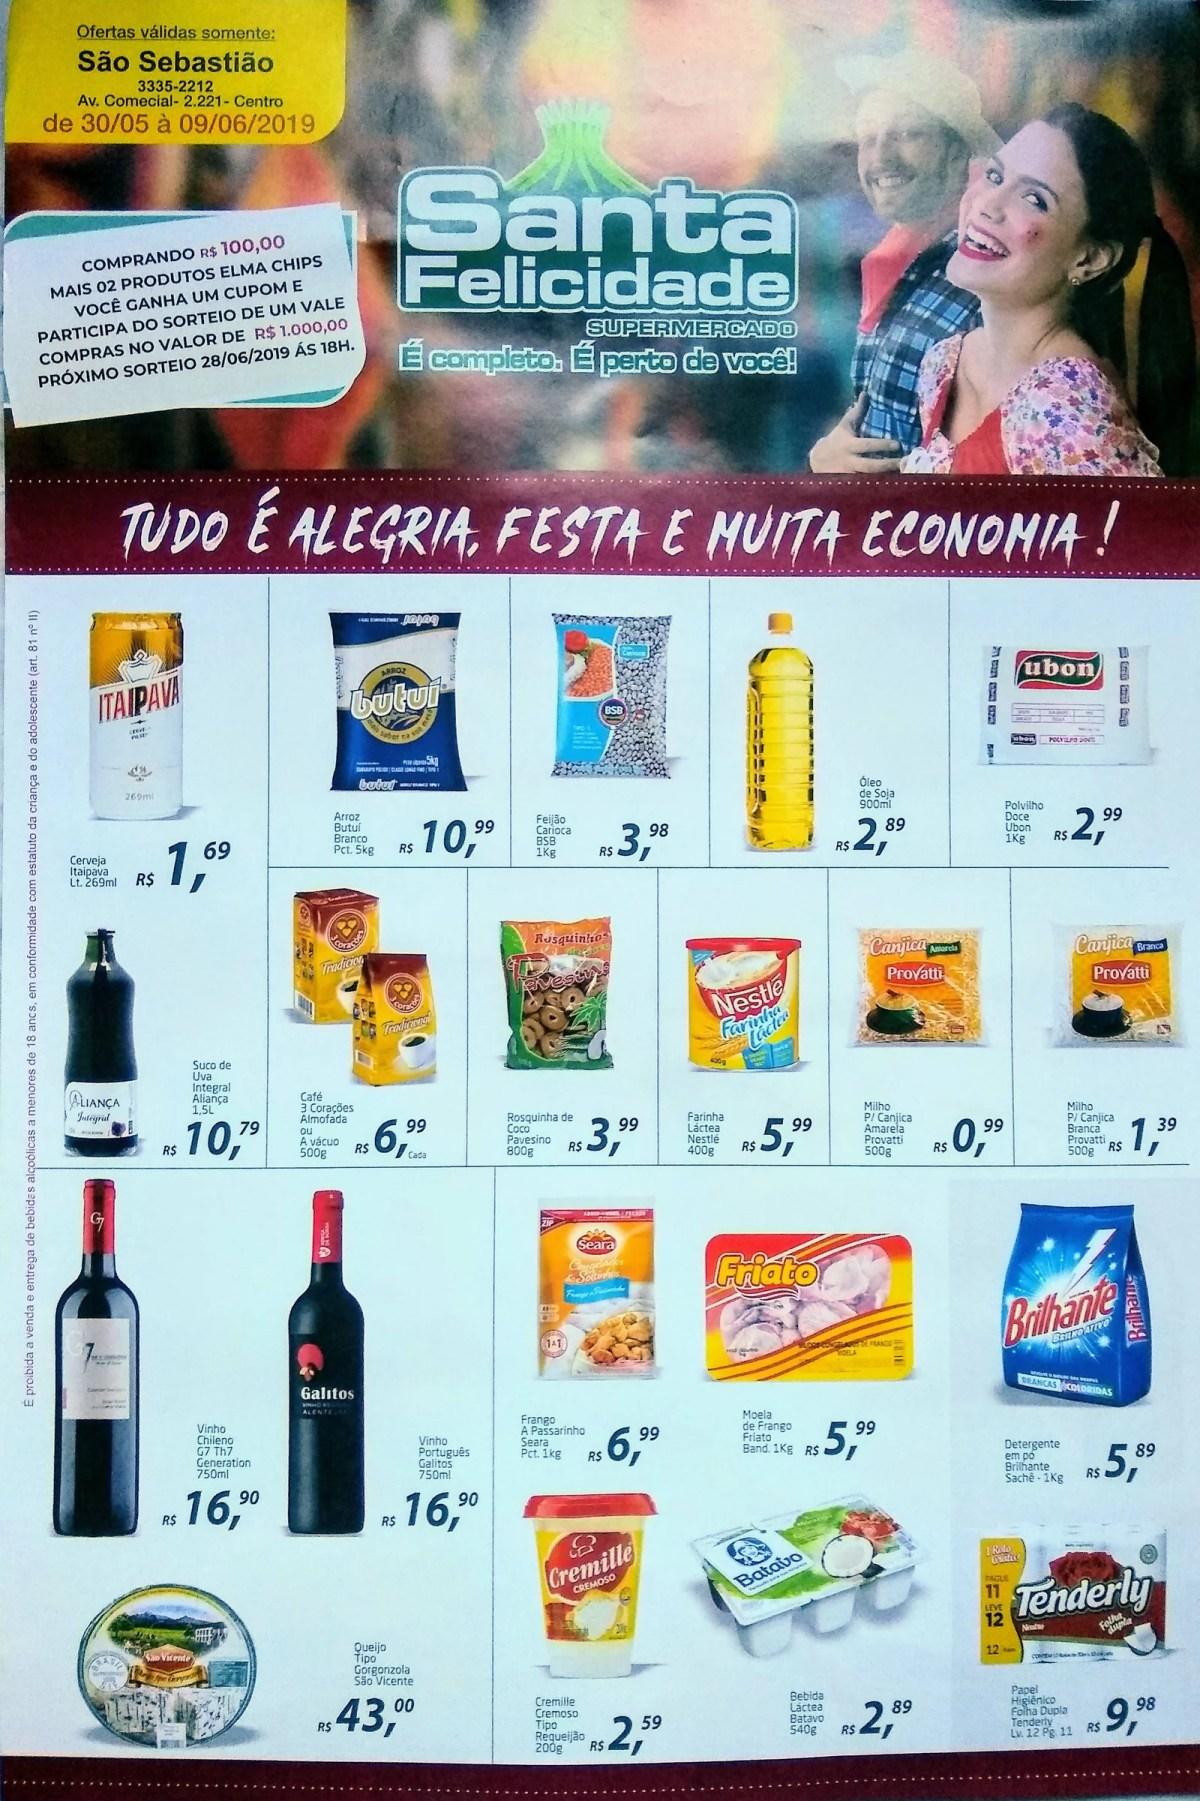 Ofertas Supermercado Santa Felicidade25